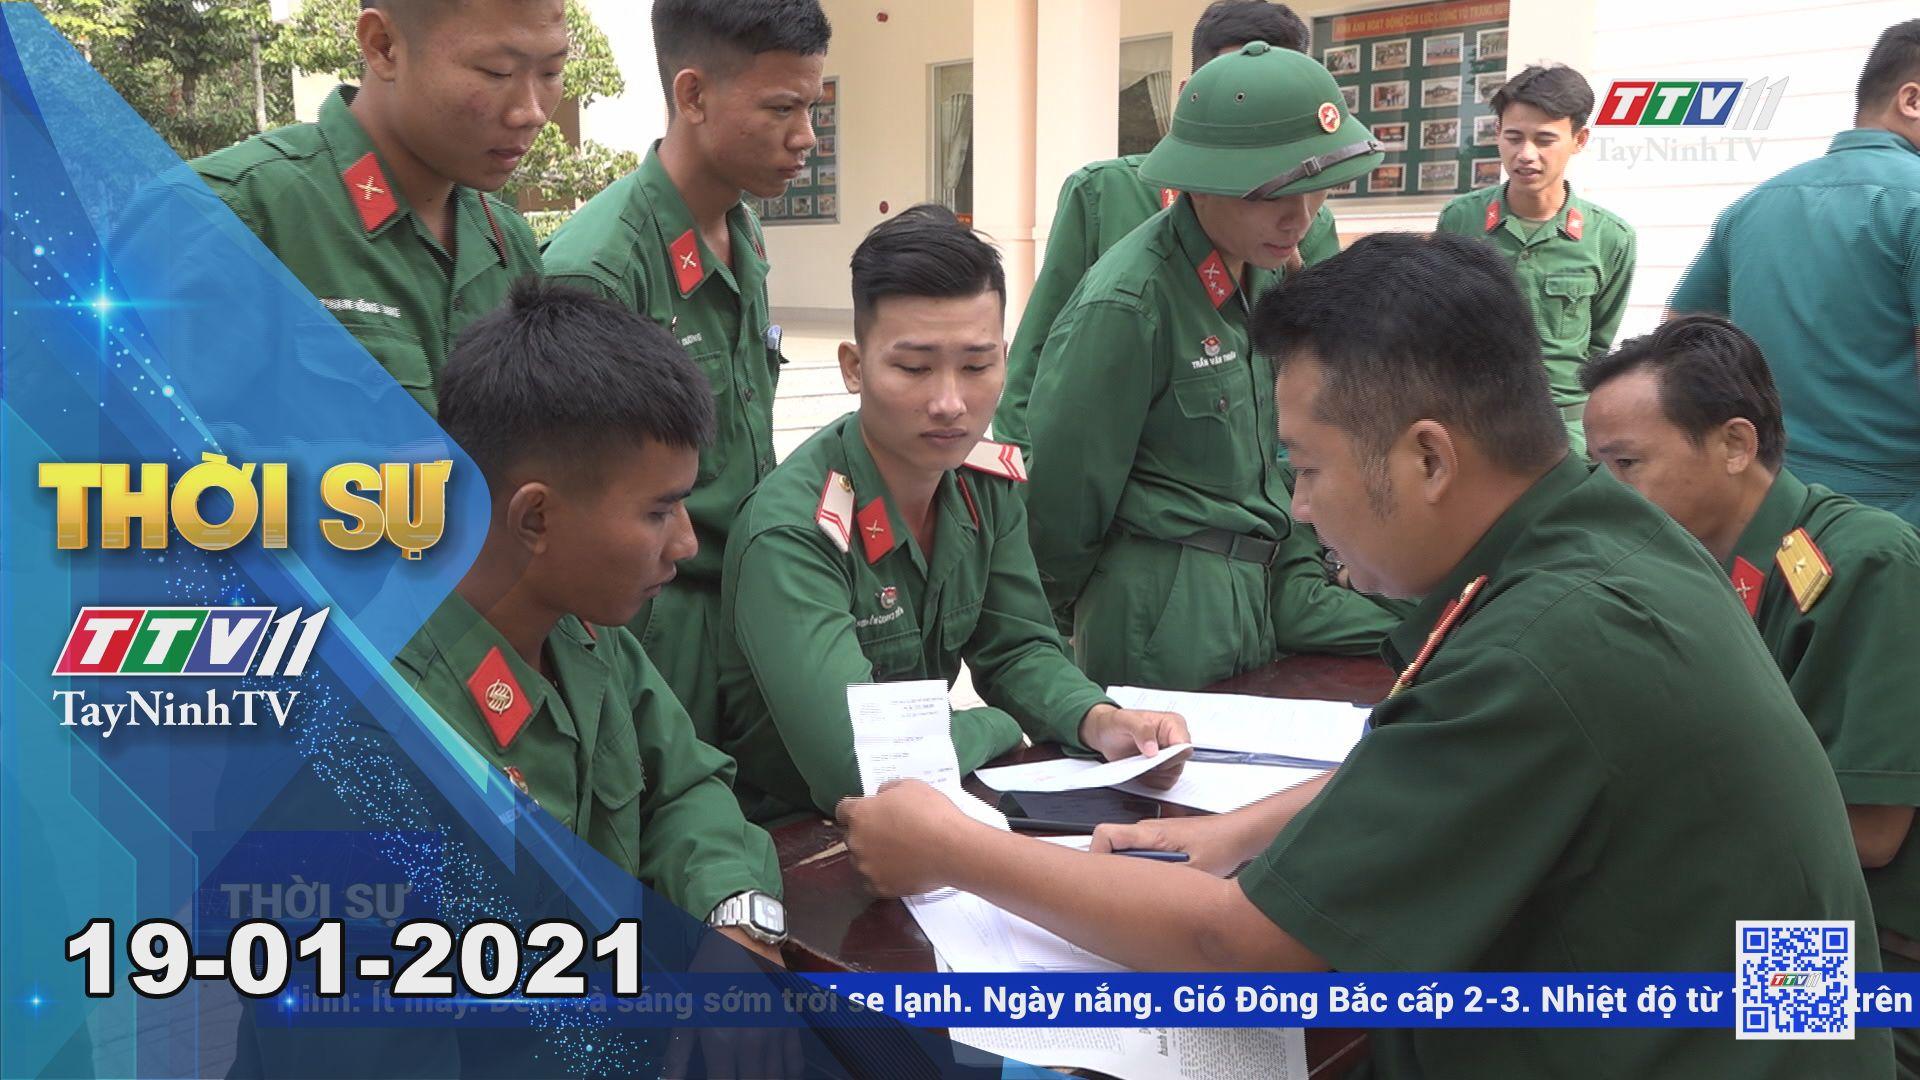 Thời sự Tây Ninh 19-01-2021 | Tin tức hôm nay | TayNinhTV